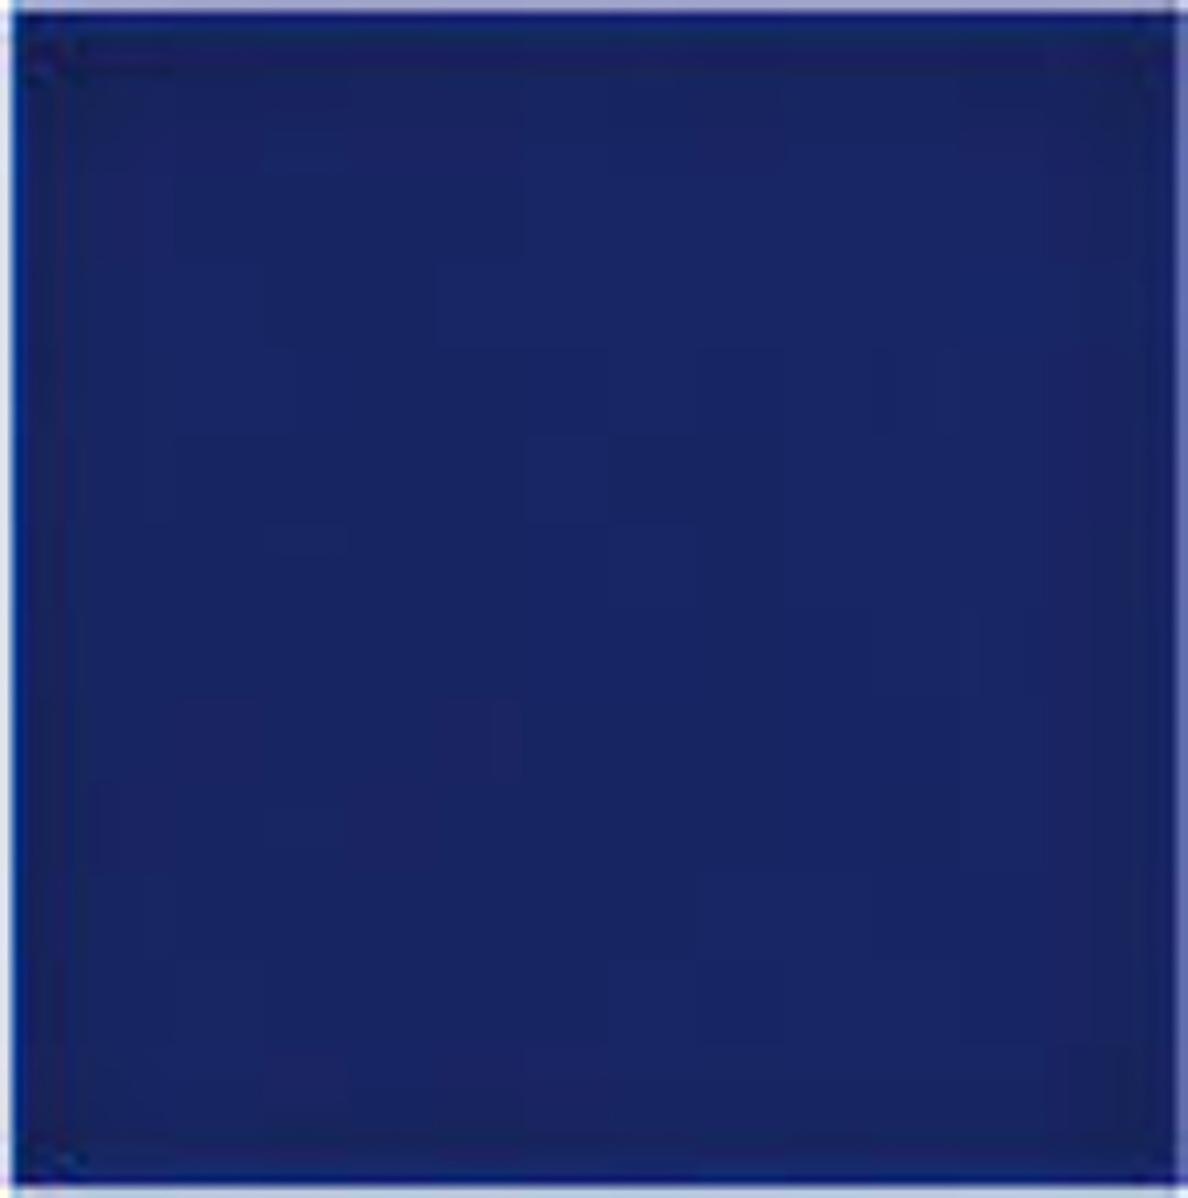 Sigma Azul Cobalto 20 x 20